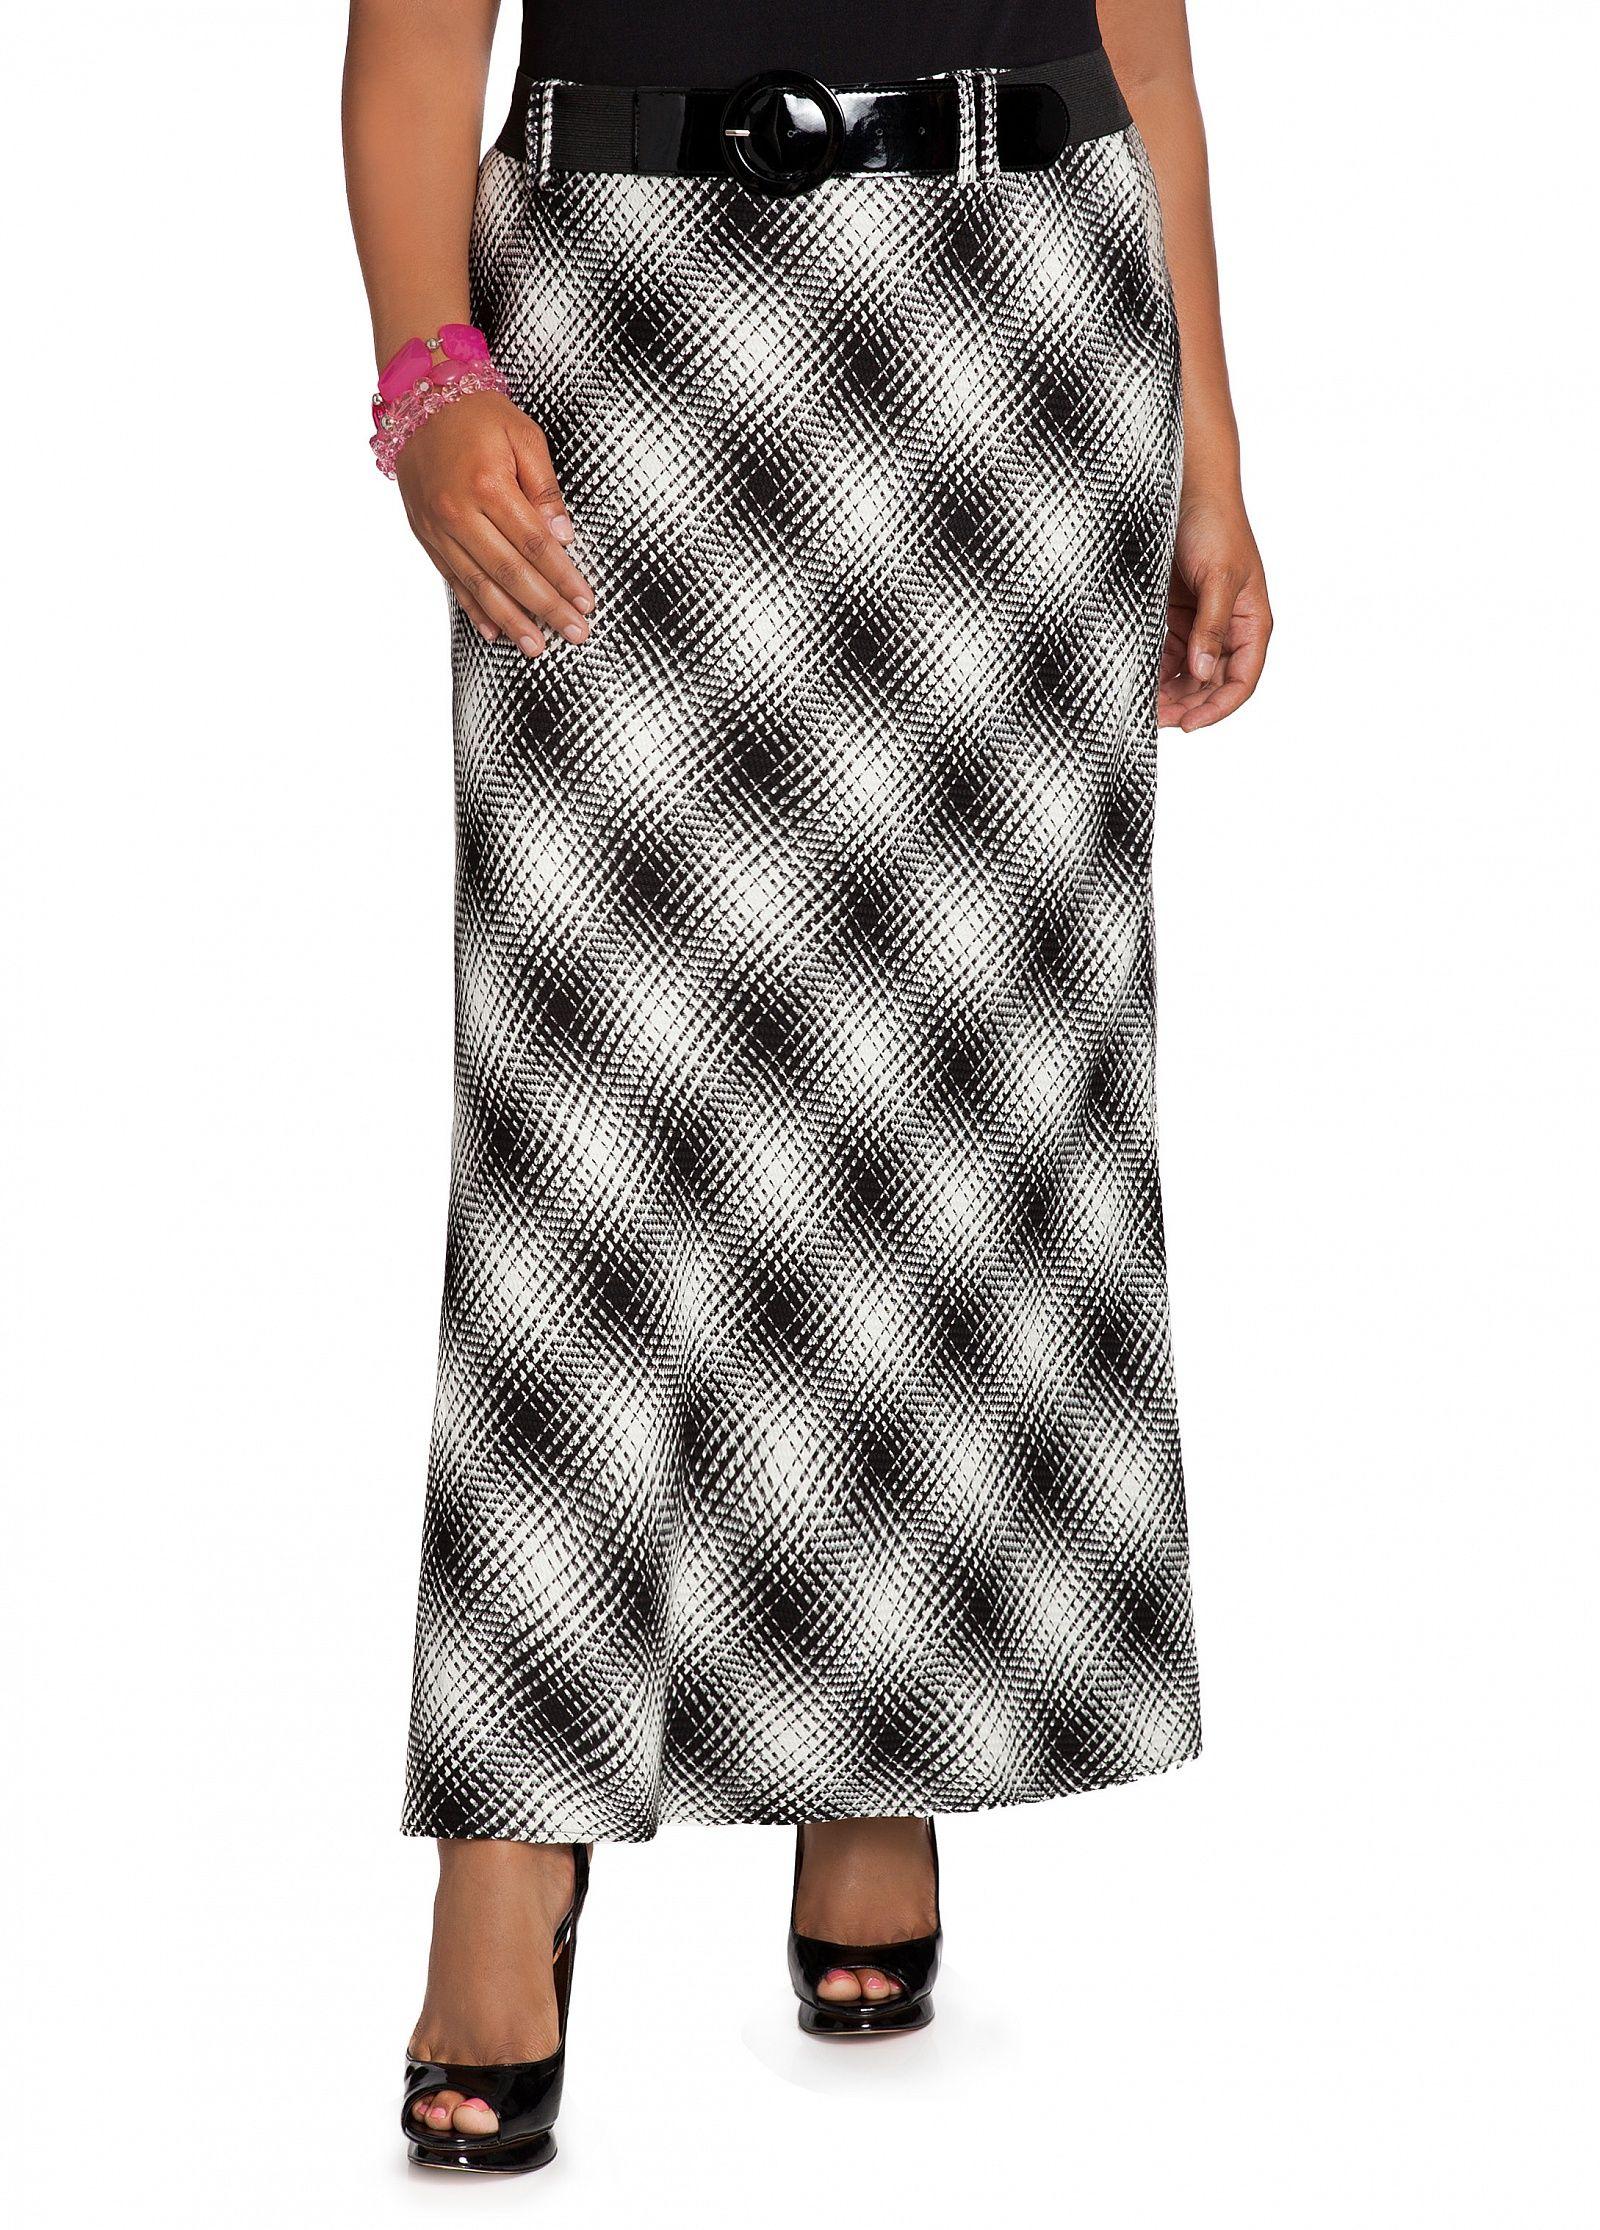 7a1310b93d09b0 Ashley Stewart  Bias Cut Plaid Skirt